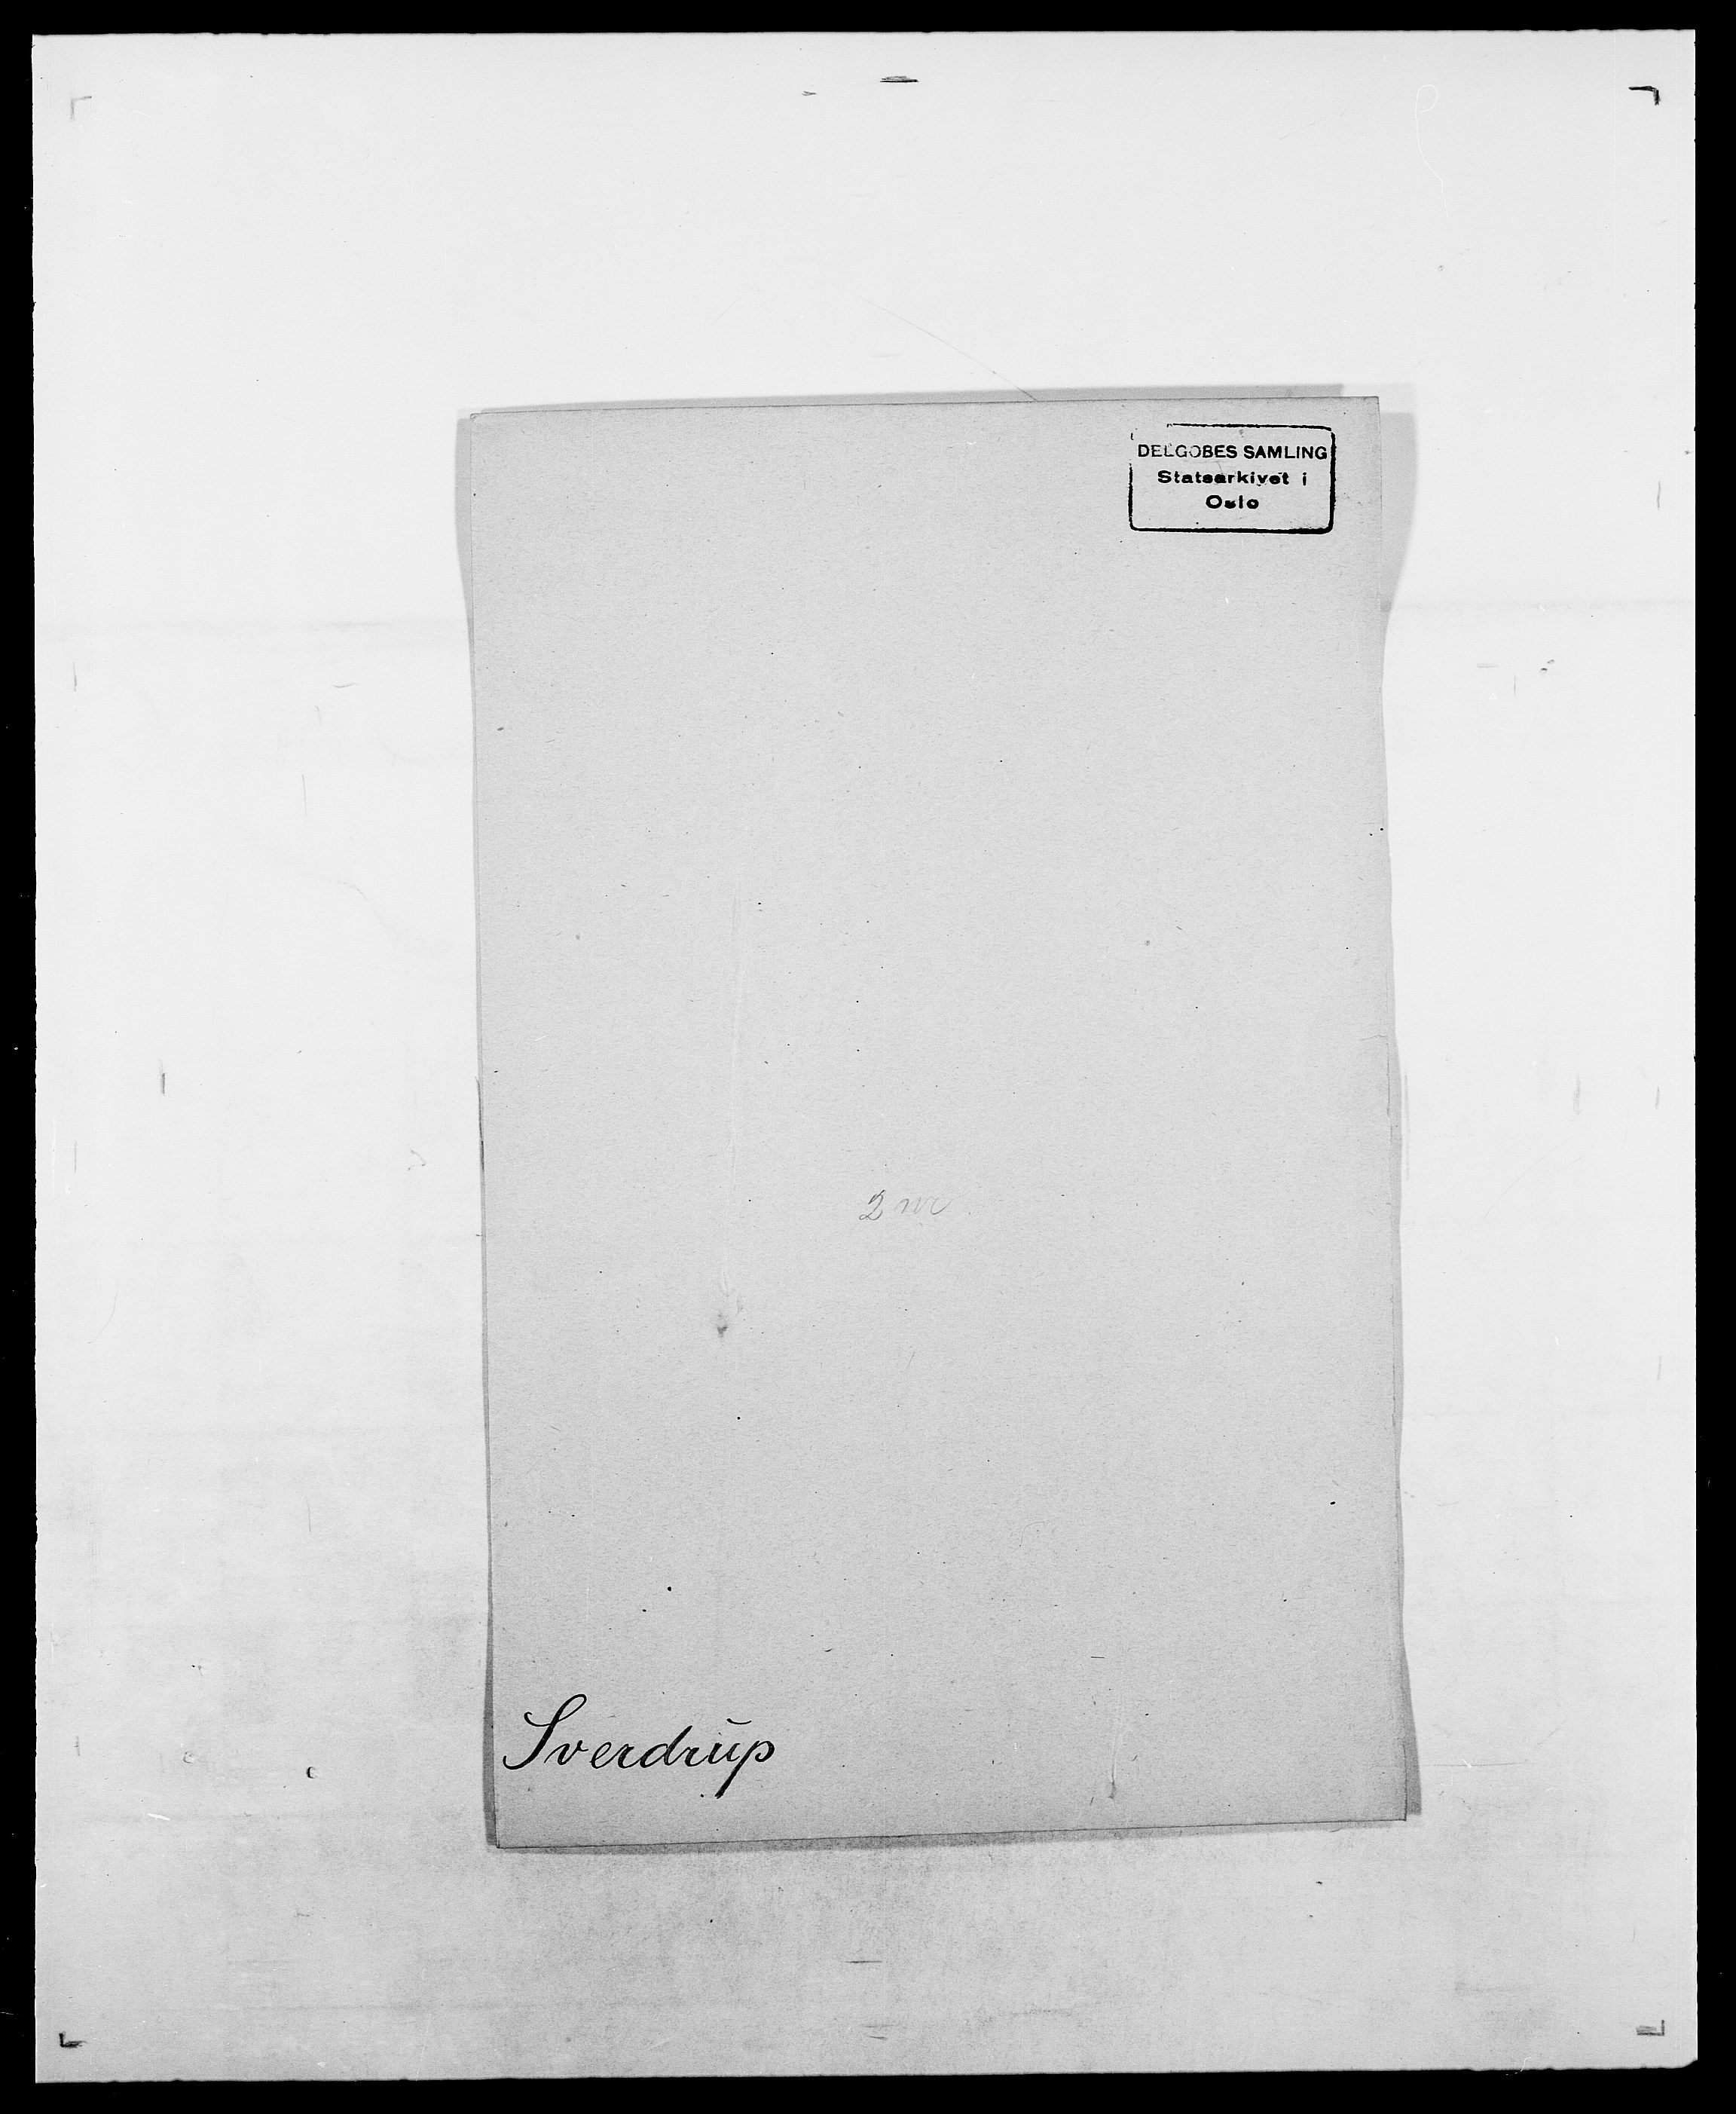 SAO, Delgobe, Charles Antoine - samling, D/Da/L0038: Svanenskjold - Thornsohn, s. 61